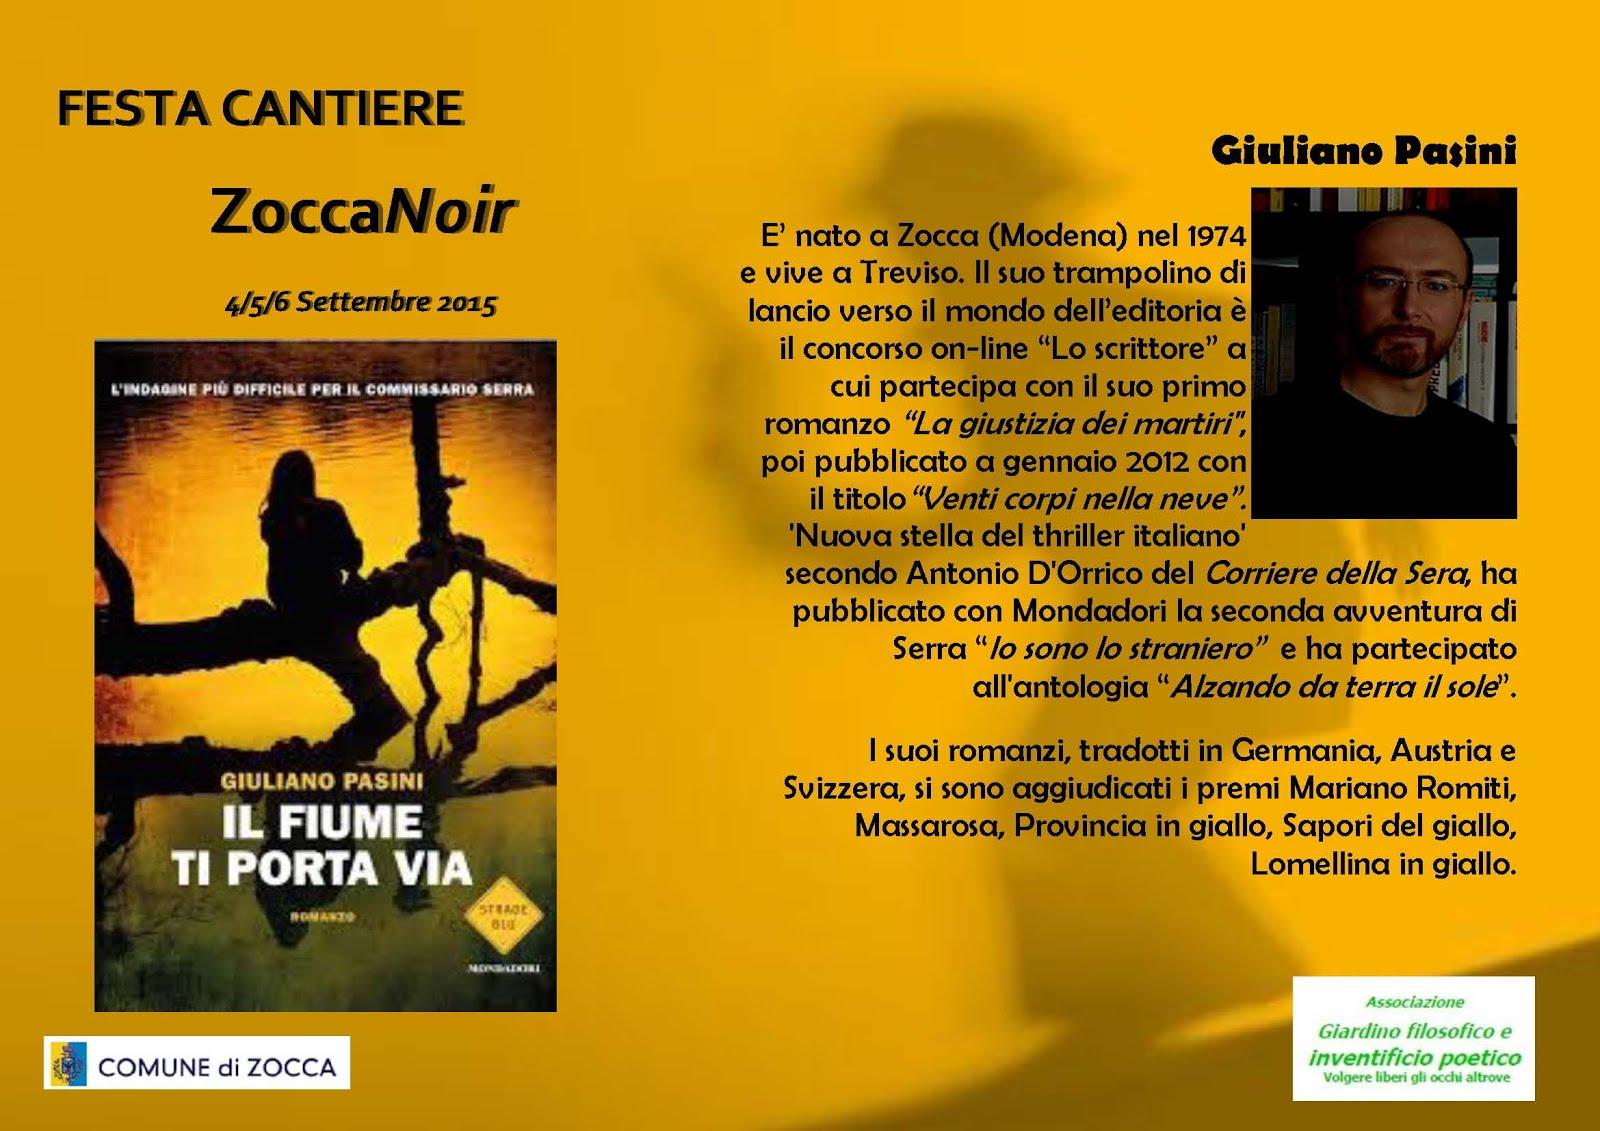 Biografia Giuliano Pasini